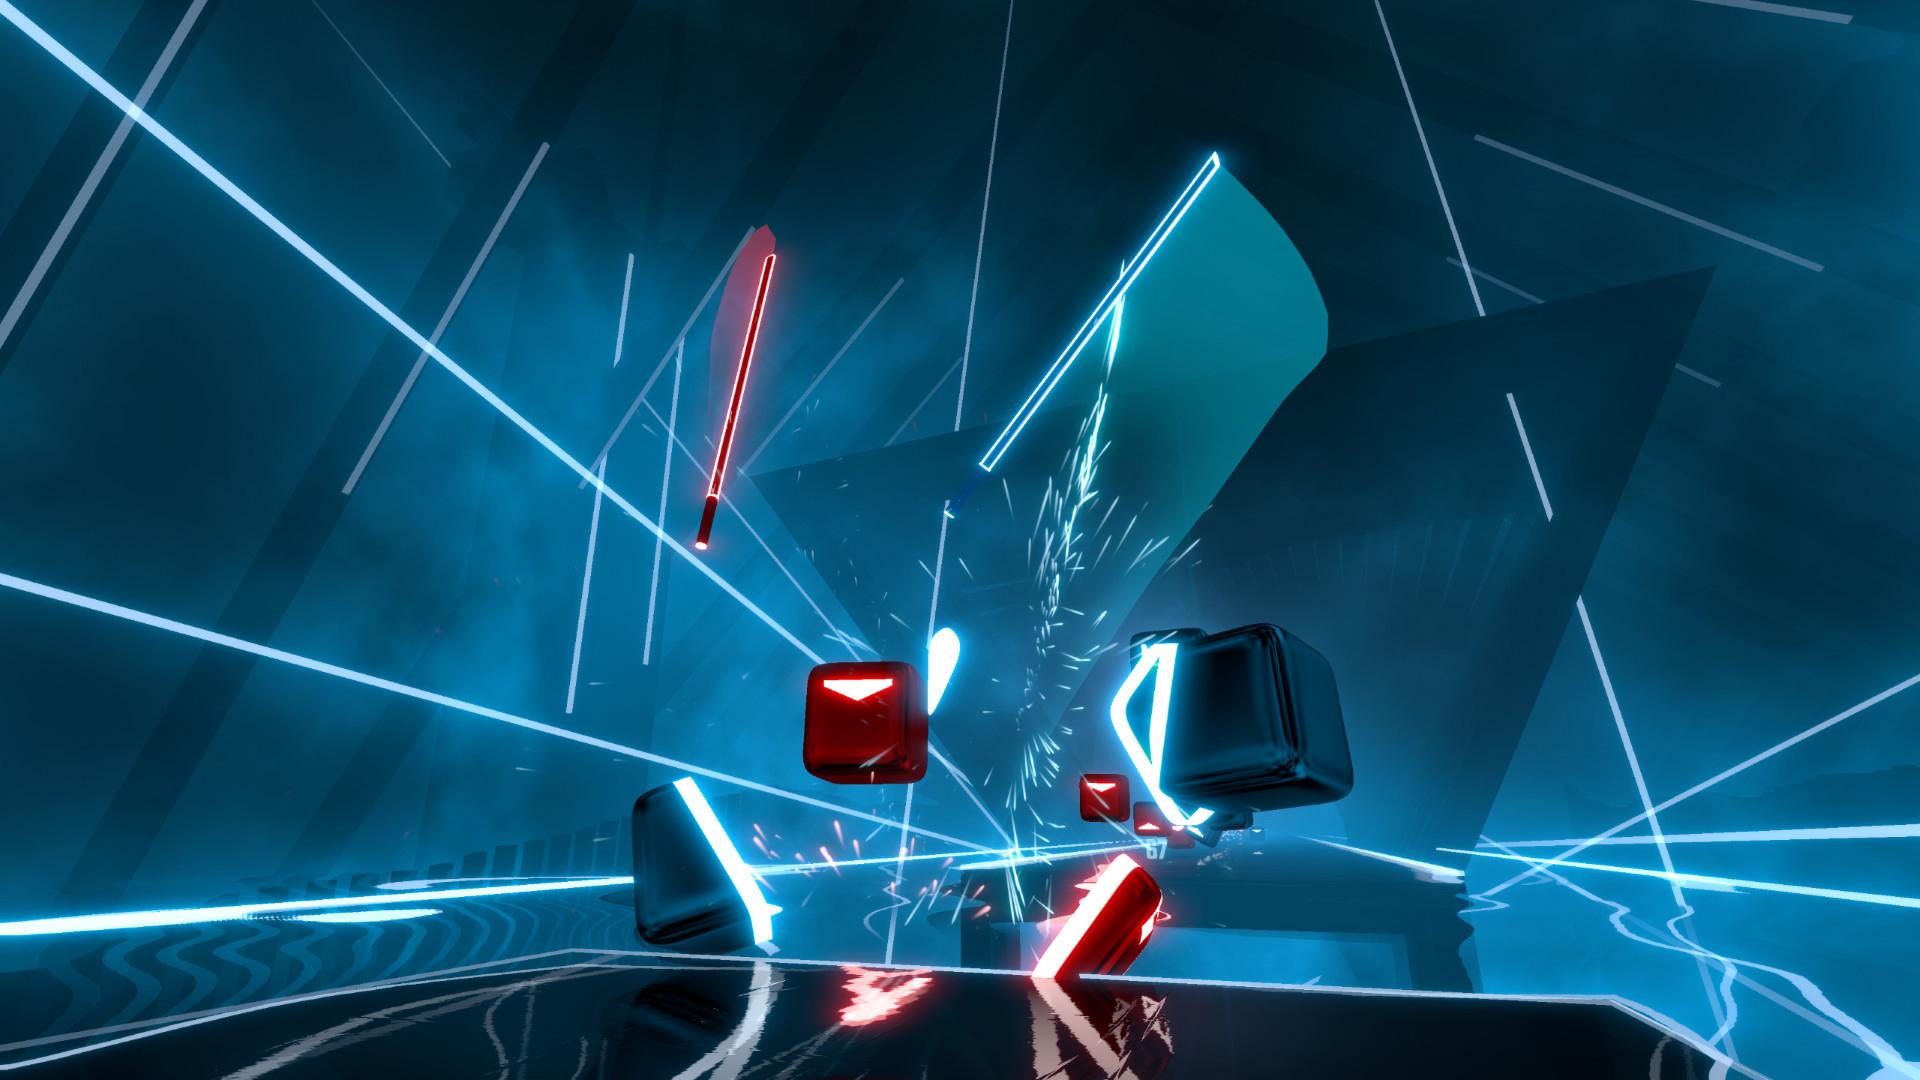 Bestes VR/AR-Spiel: Beat Saber